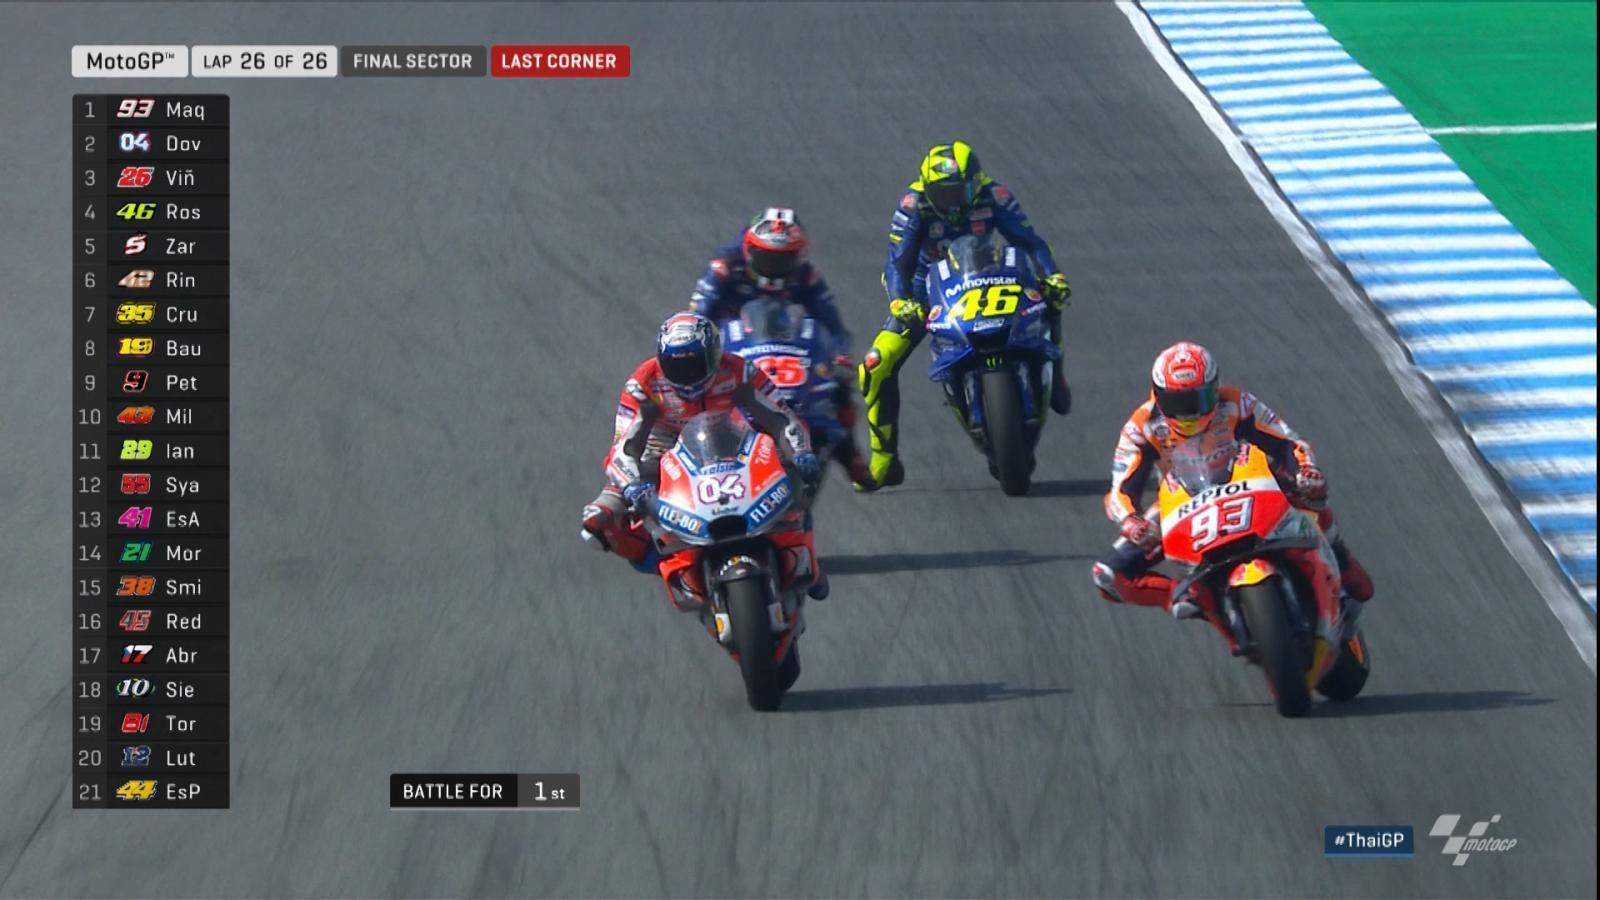 ชมจังหวะที่ Marc Márquez แซง Andrea Dovizioso ในโค้งสุดท้ายก่อนเข้าเส้นชัยที่ 1